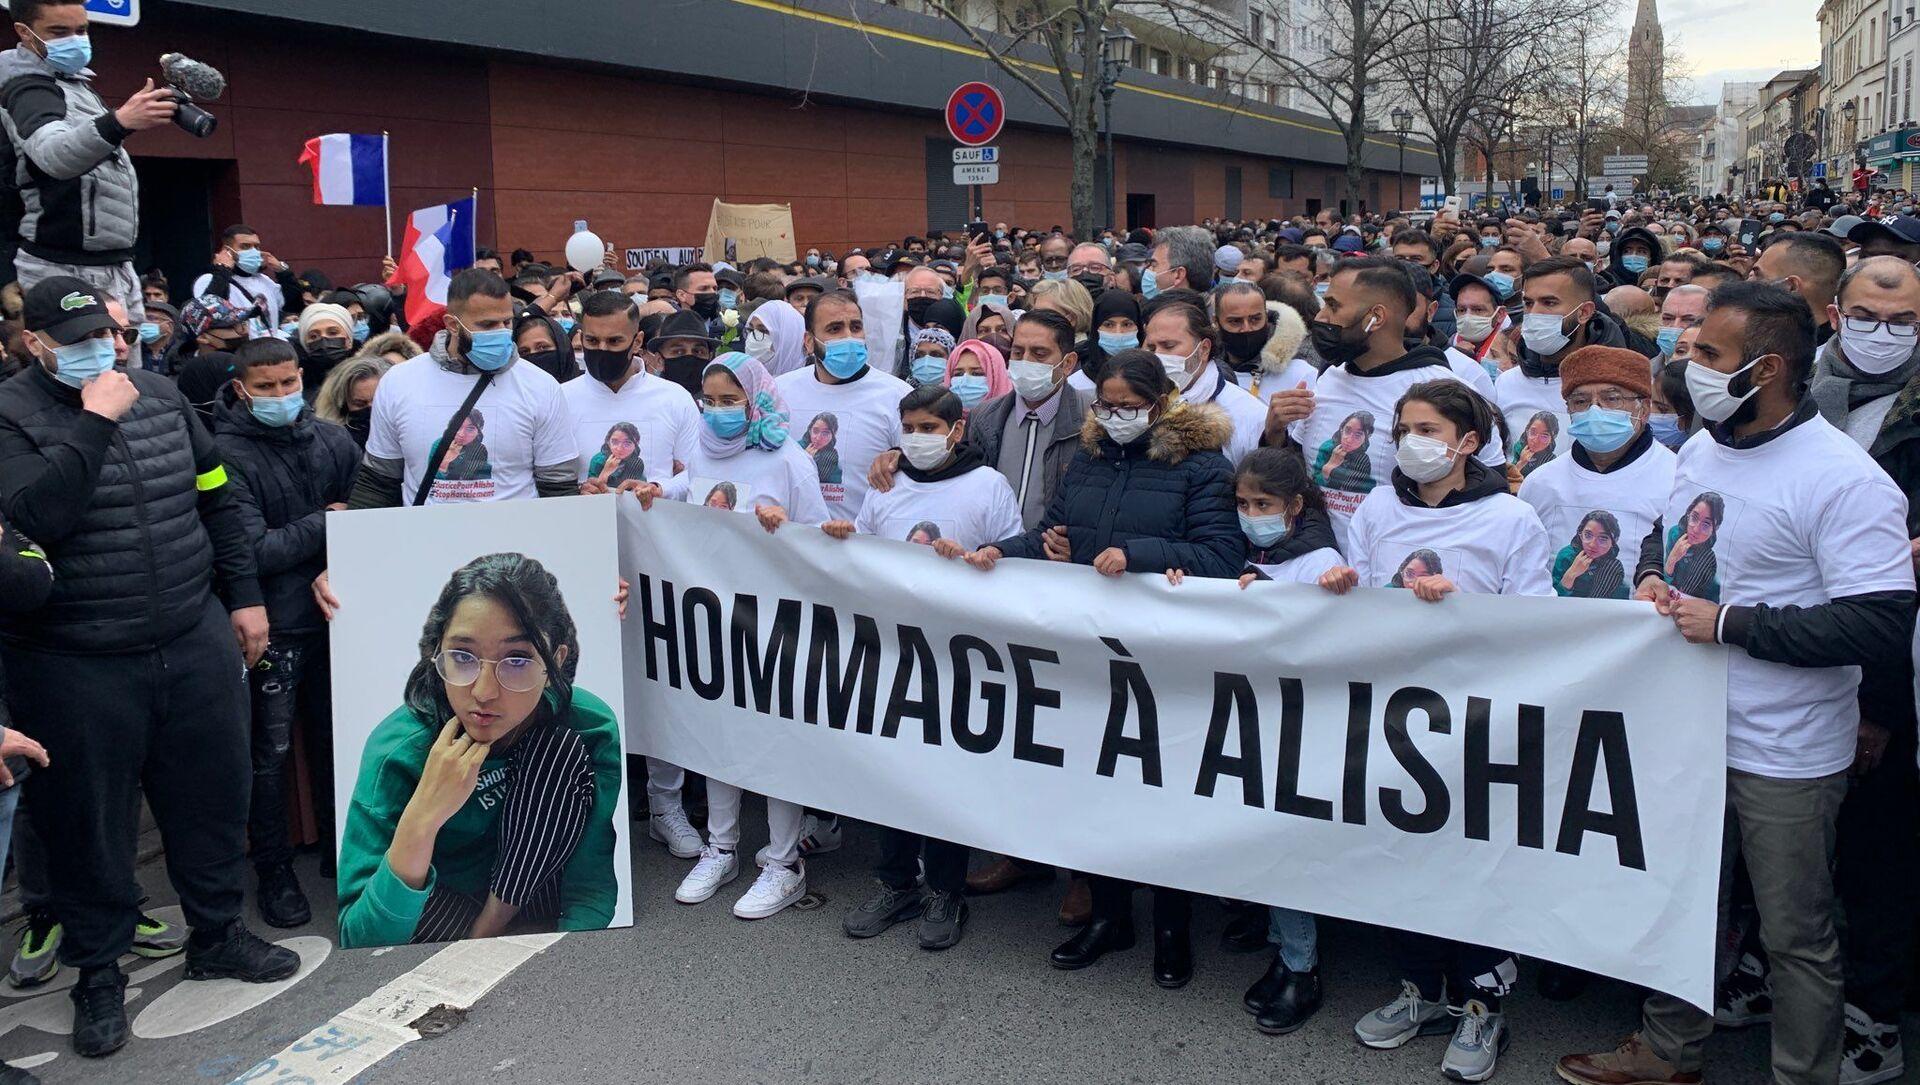 Une marche blanche a lieu ce dimanche à Argenteuil en mémoire d'Alisha - Sputnik France, 1920, 14.03.2021